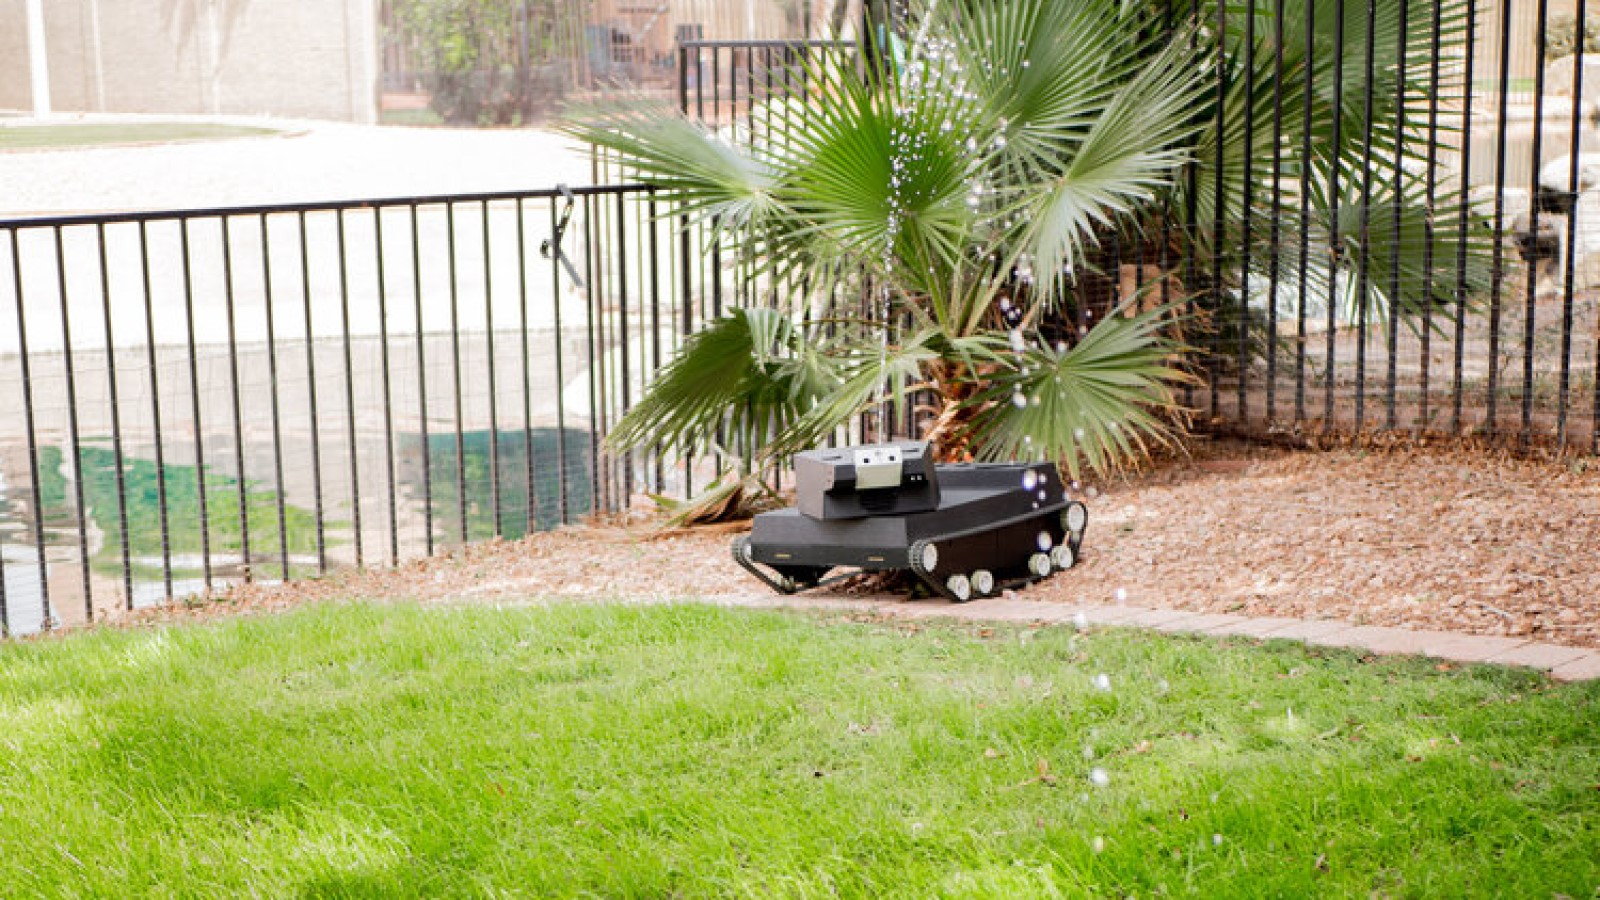 yardroid landscaping robot spraying water